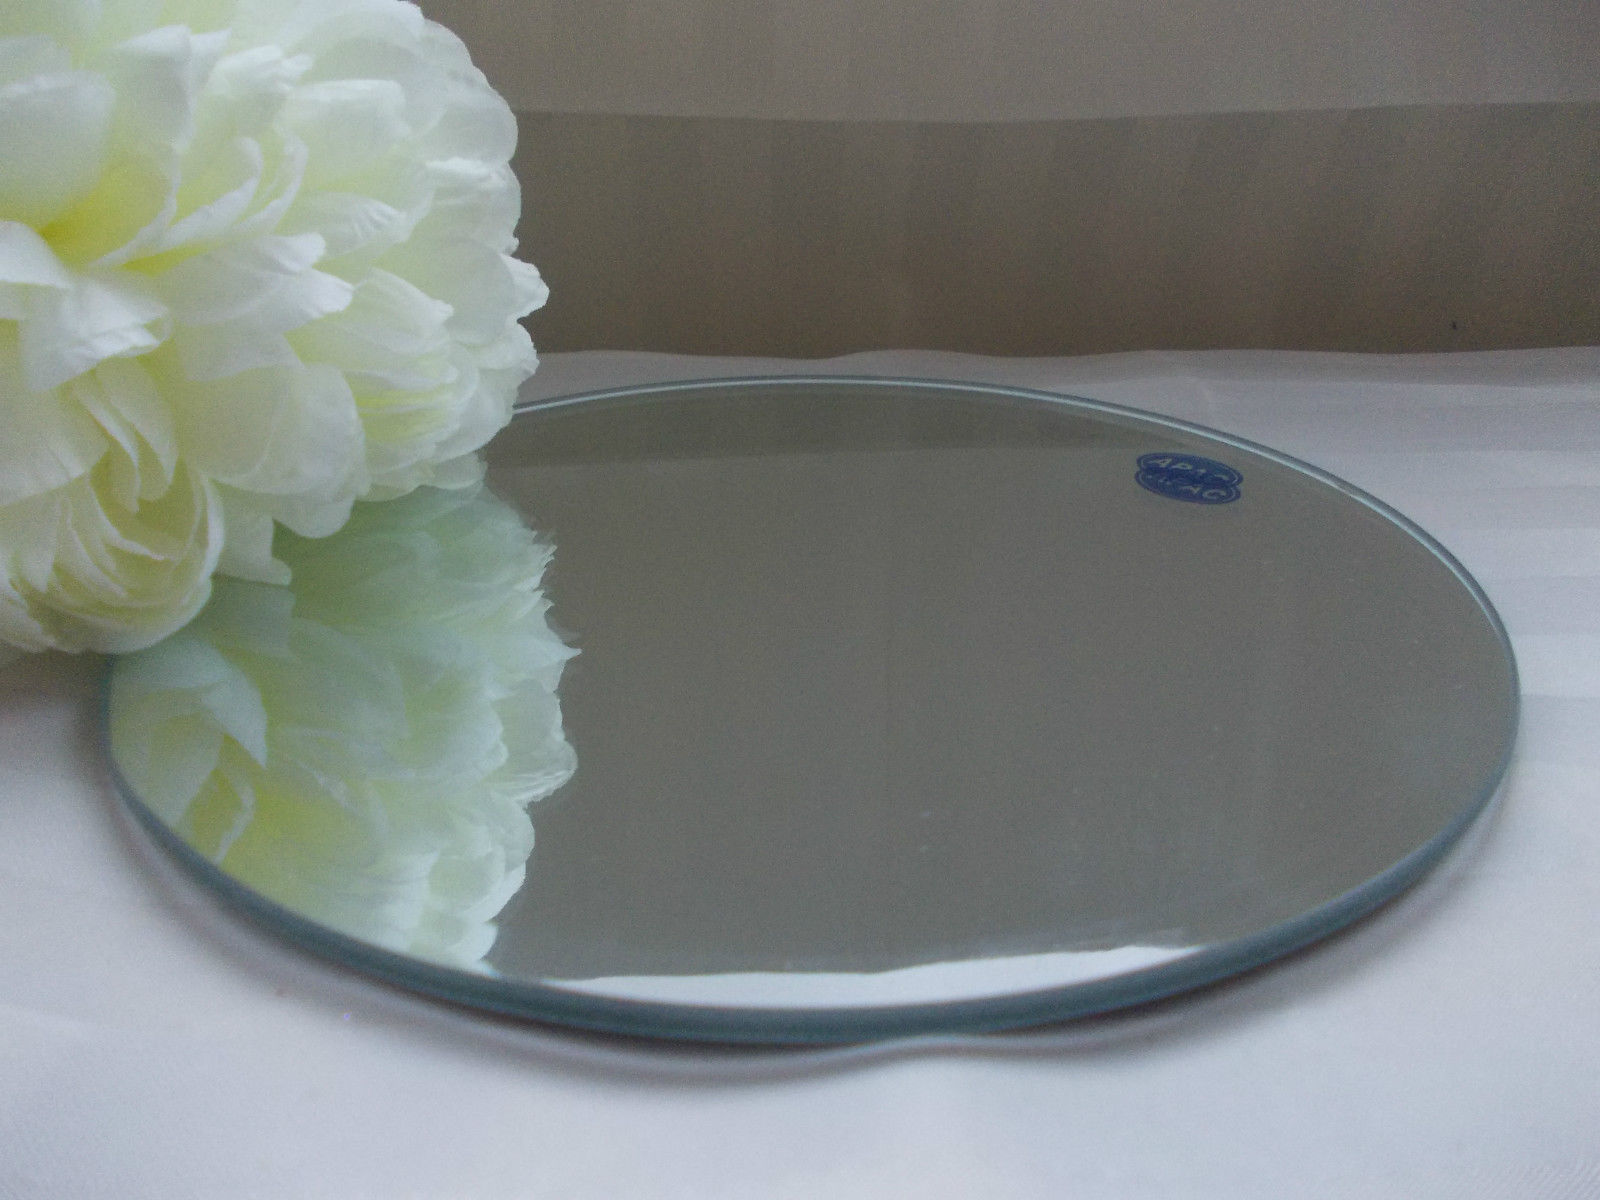 Zrkadlové podnosy - Obrázok č. 1